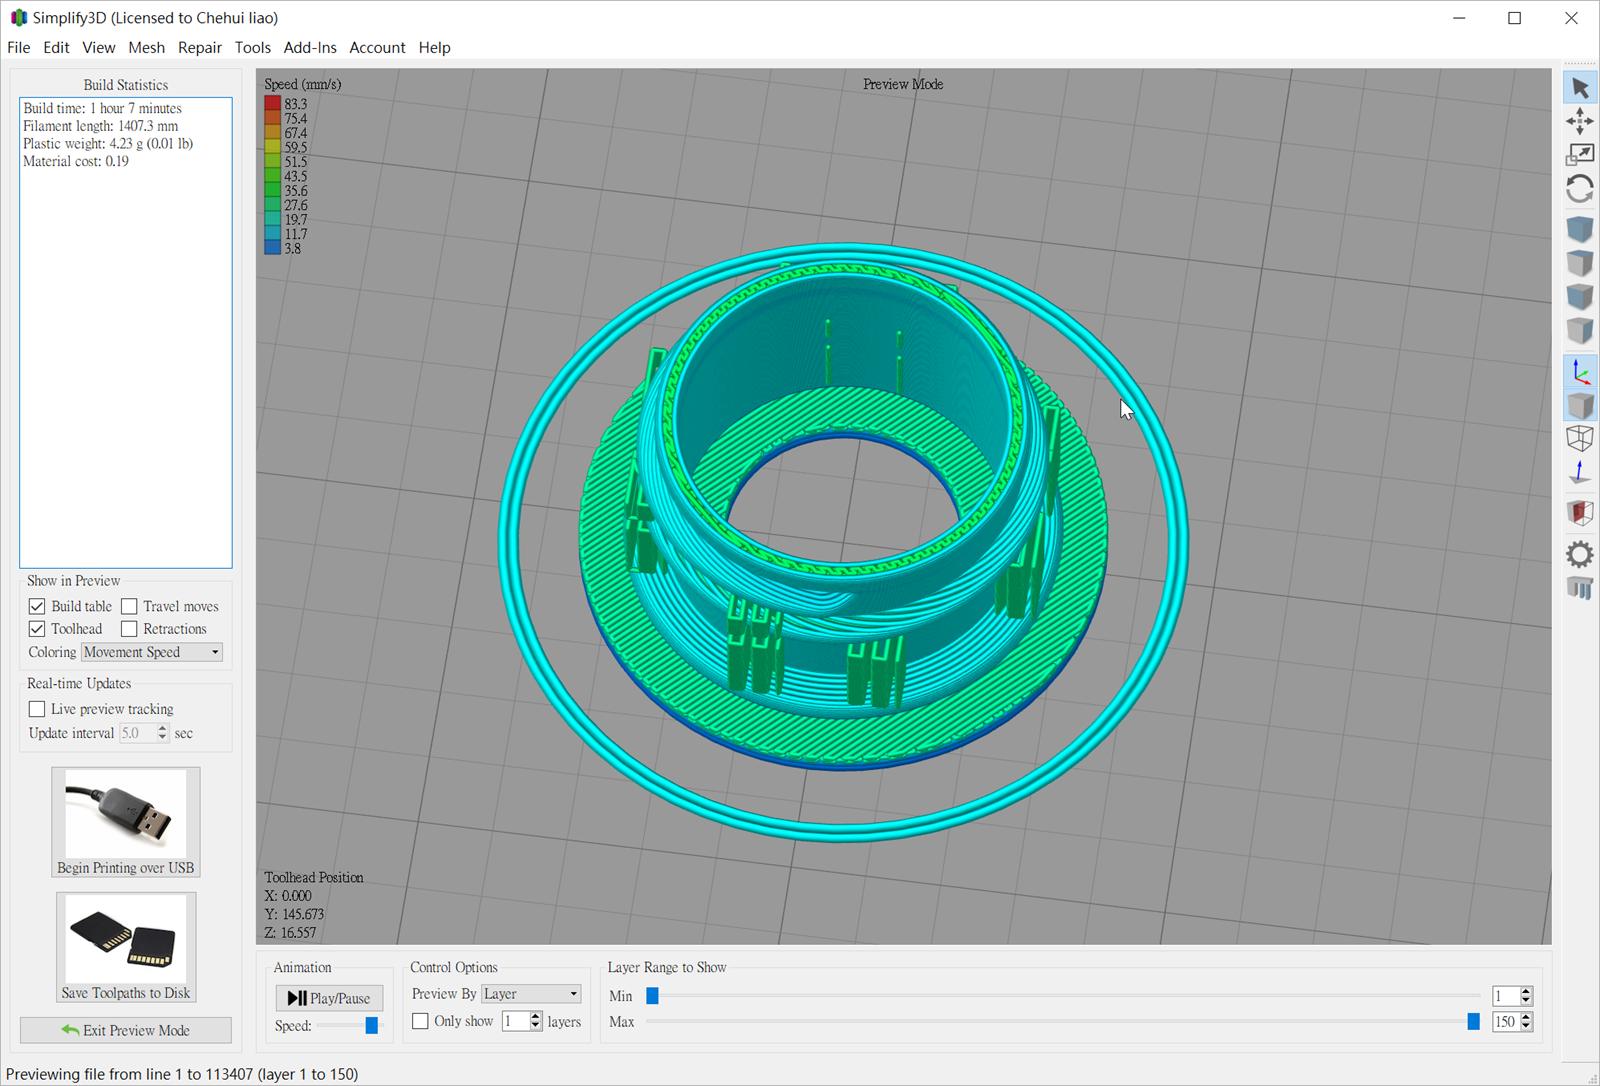 [3D 列印] 桌機電源按鍵保護瓶蓋(防寵物/小孩誤觸)@3C 達人廖阿輝